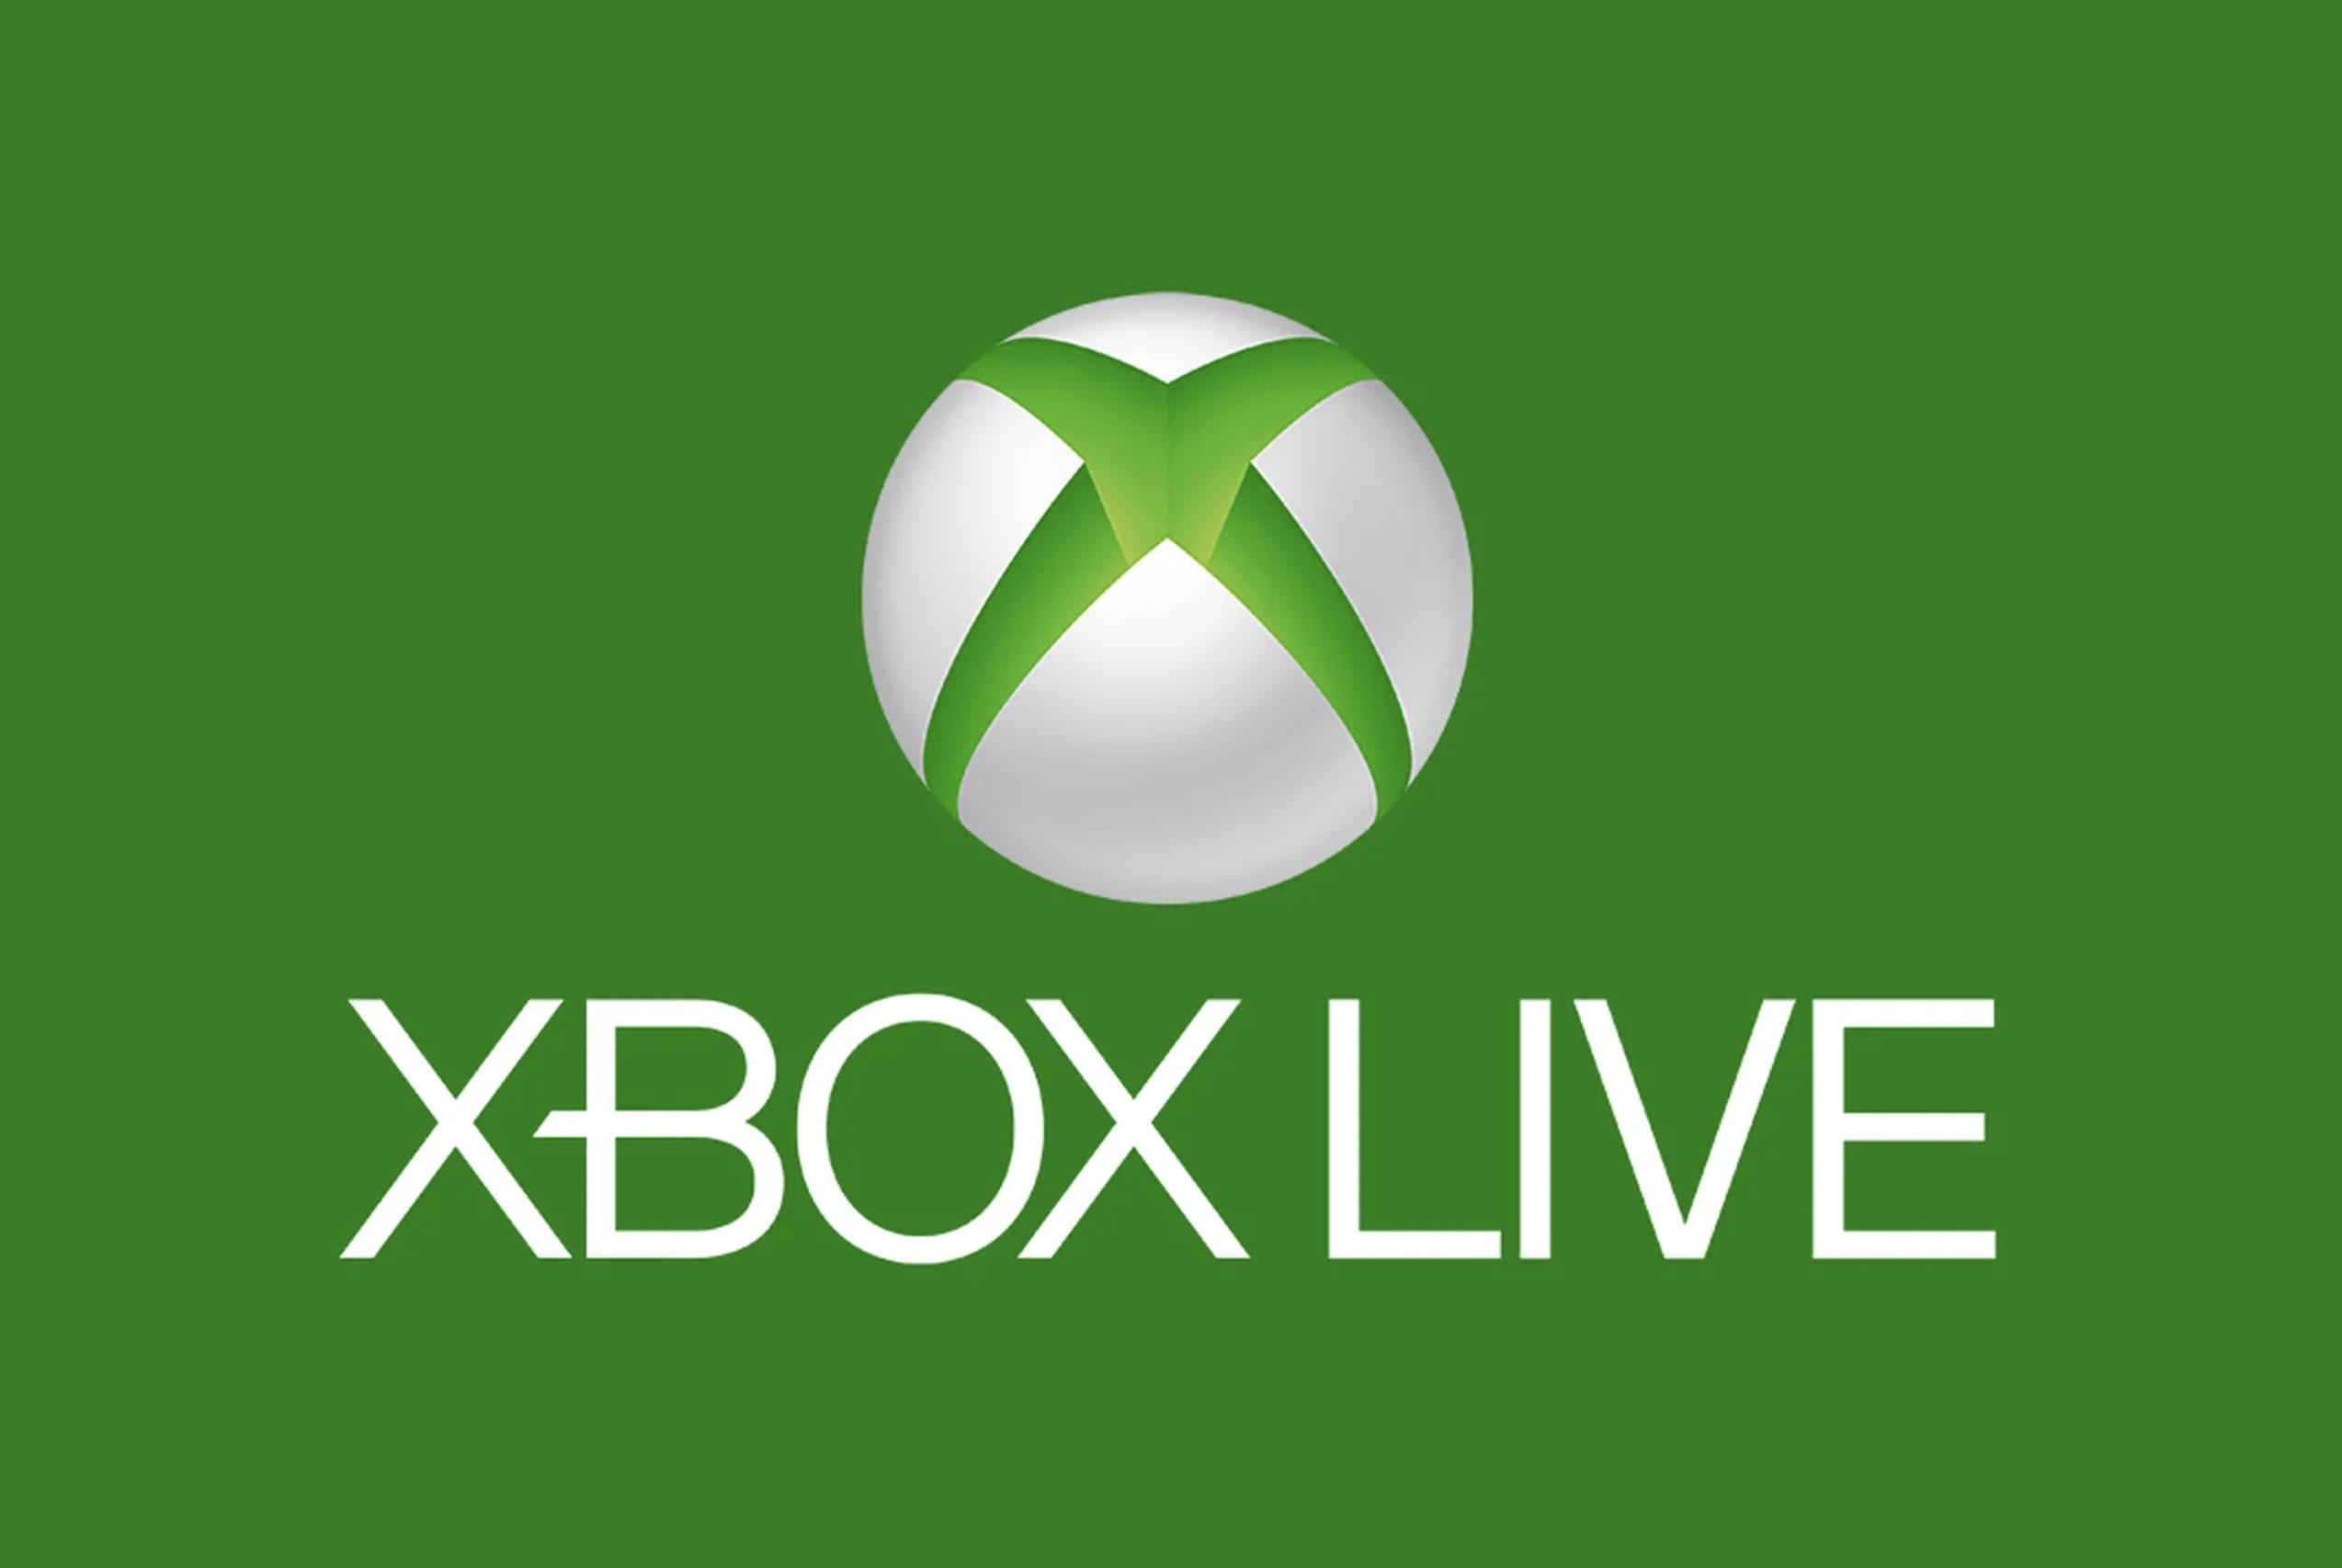 En toute discrétion, le Xbox Live devient Xbox network